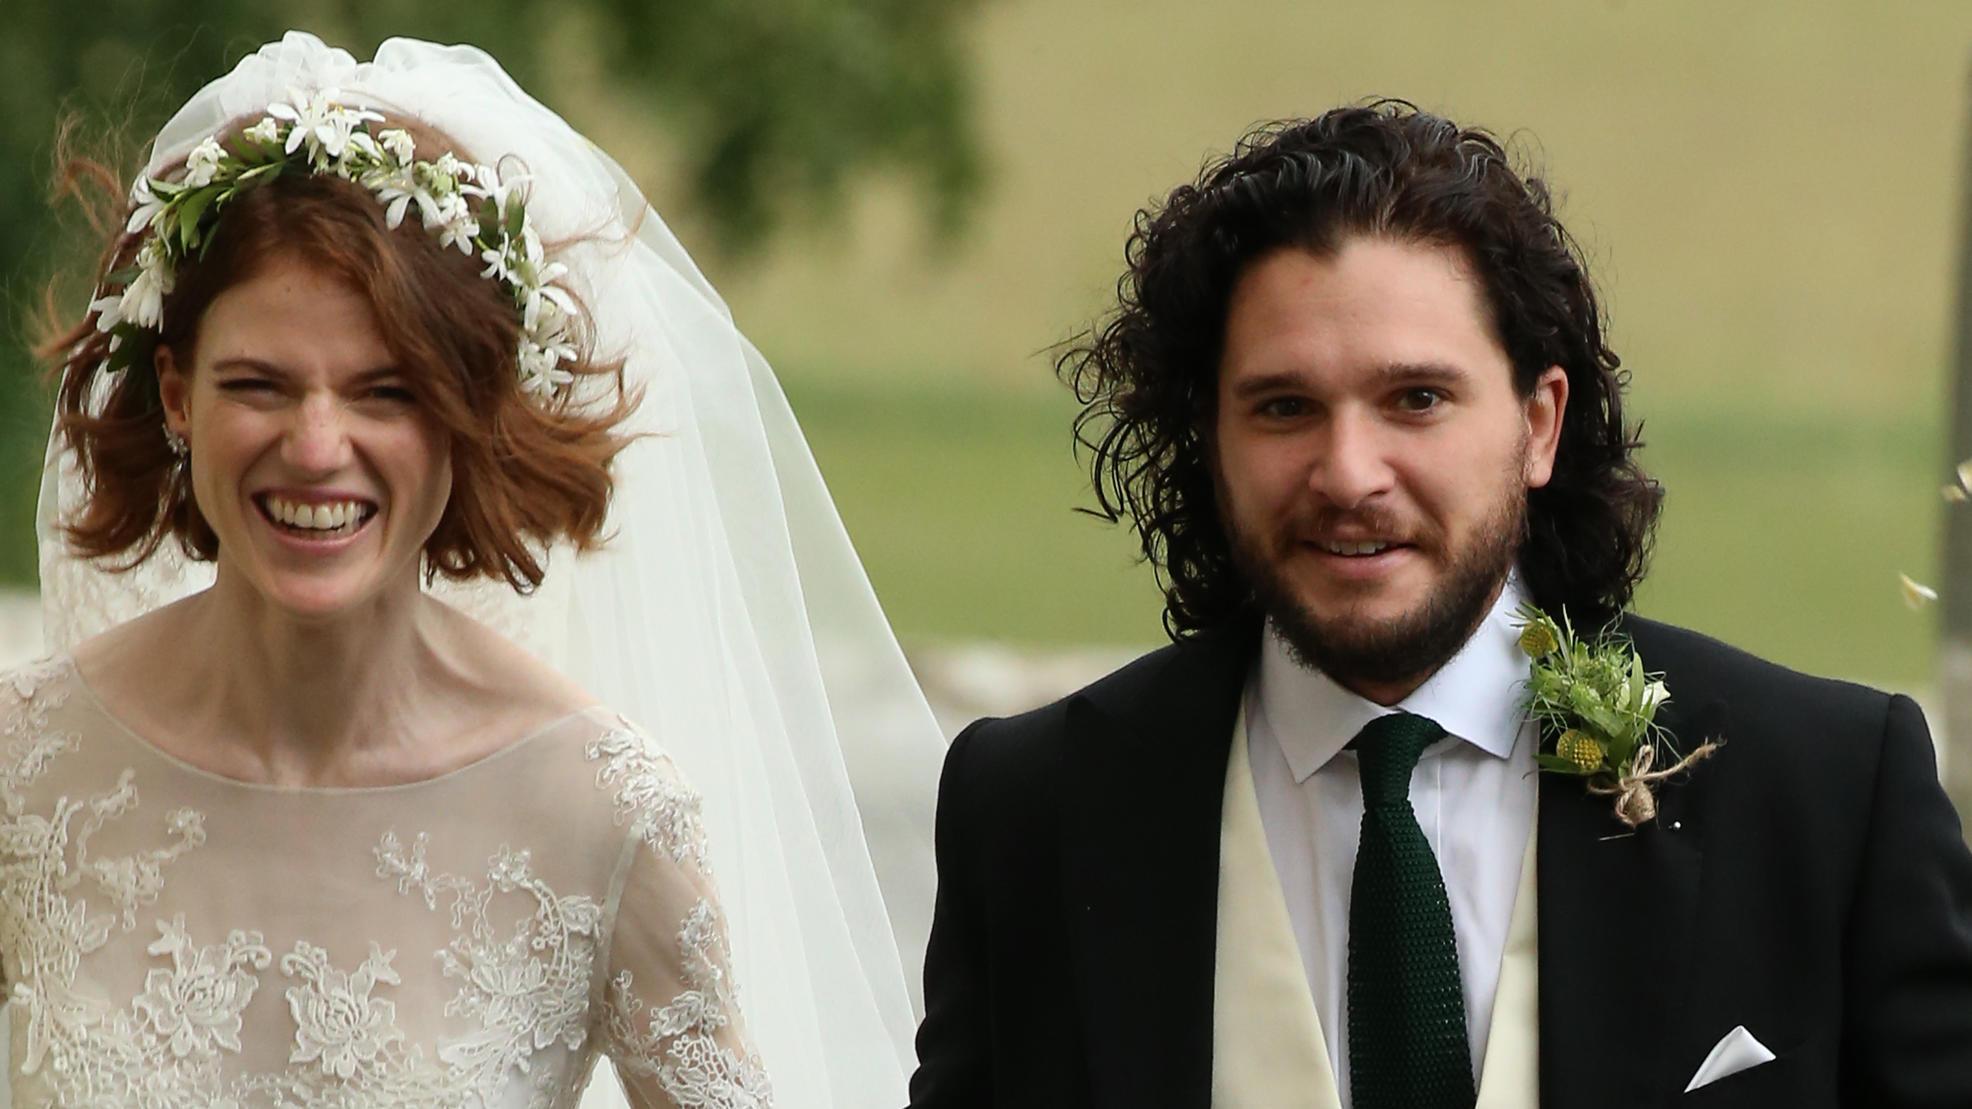 Hochzeit Kit Harington  Russisches Model behauptet eine Affäre mit Kit Harington